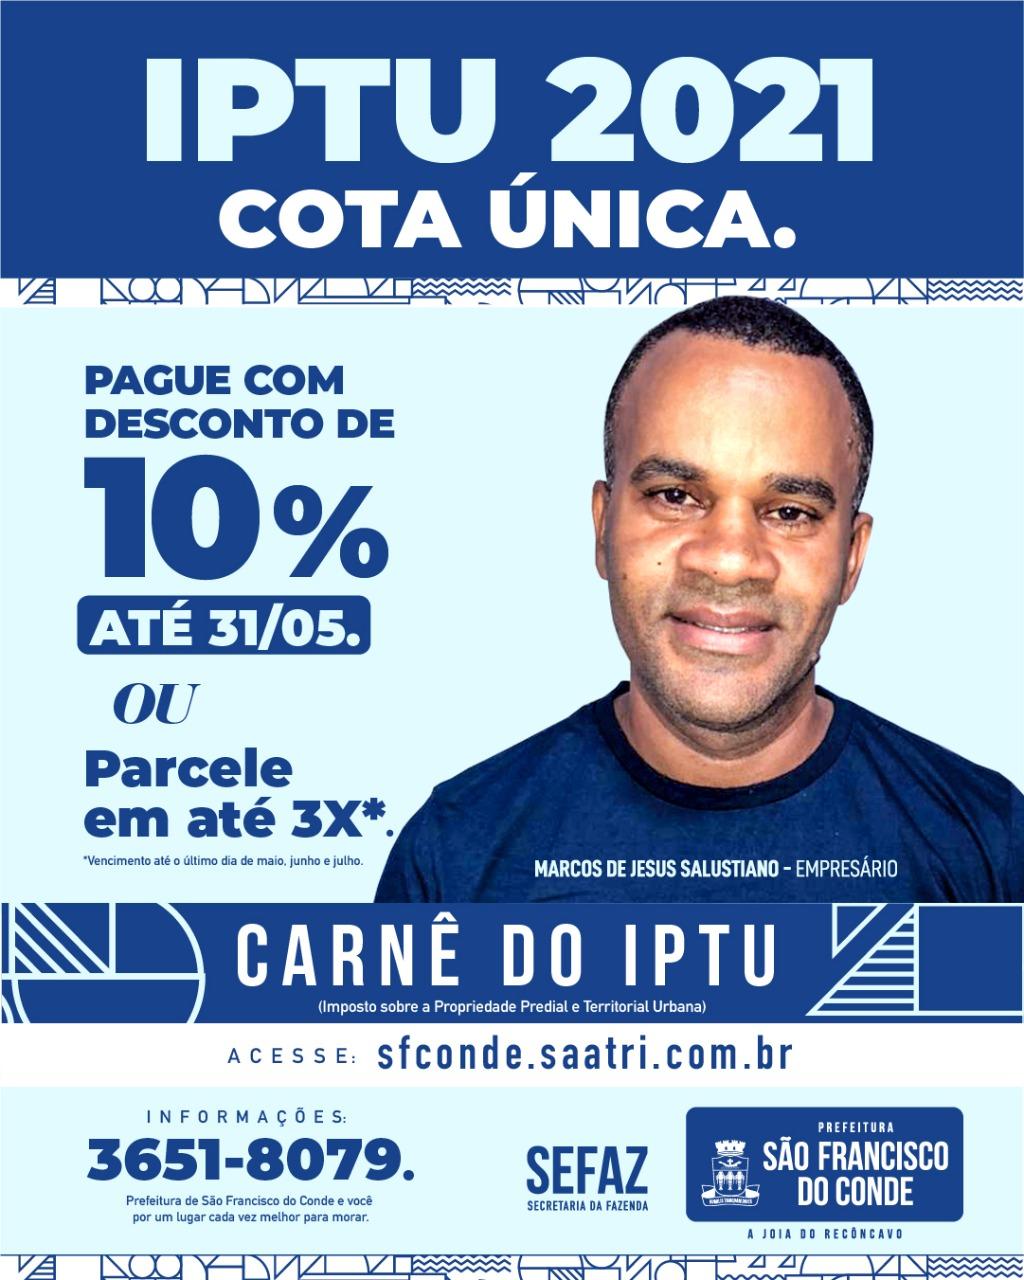 IPTU 2021 com 10% de desconto até 31 de maio